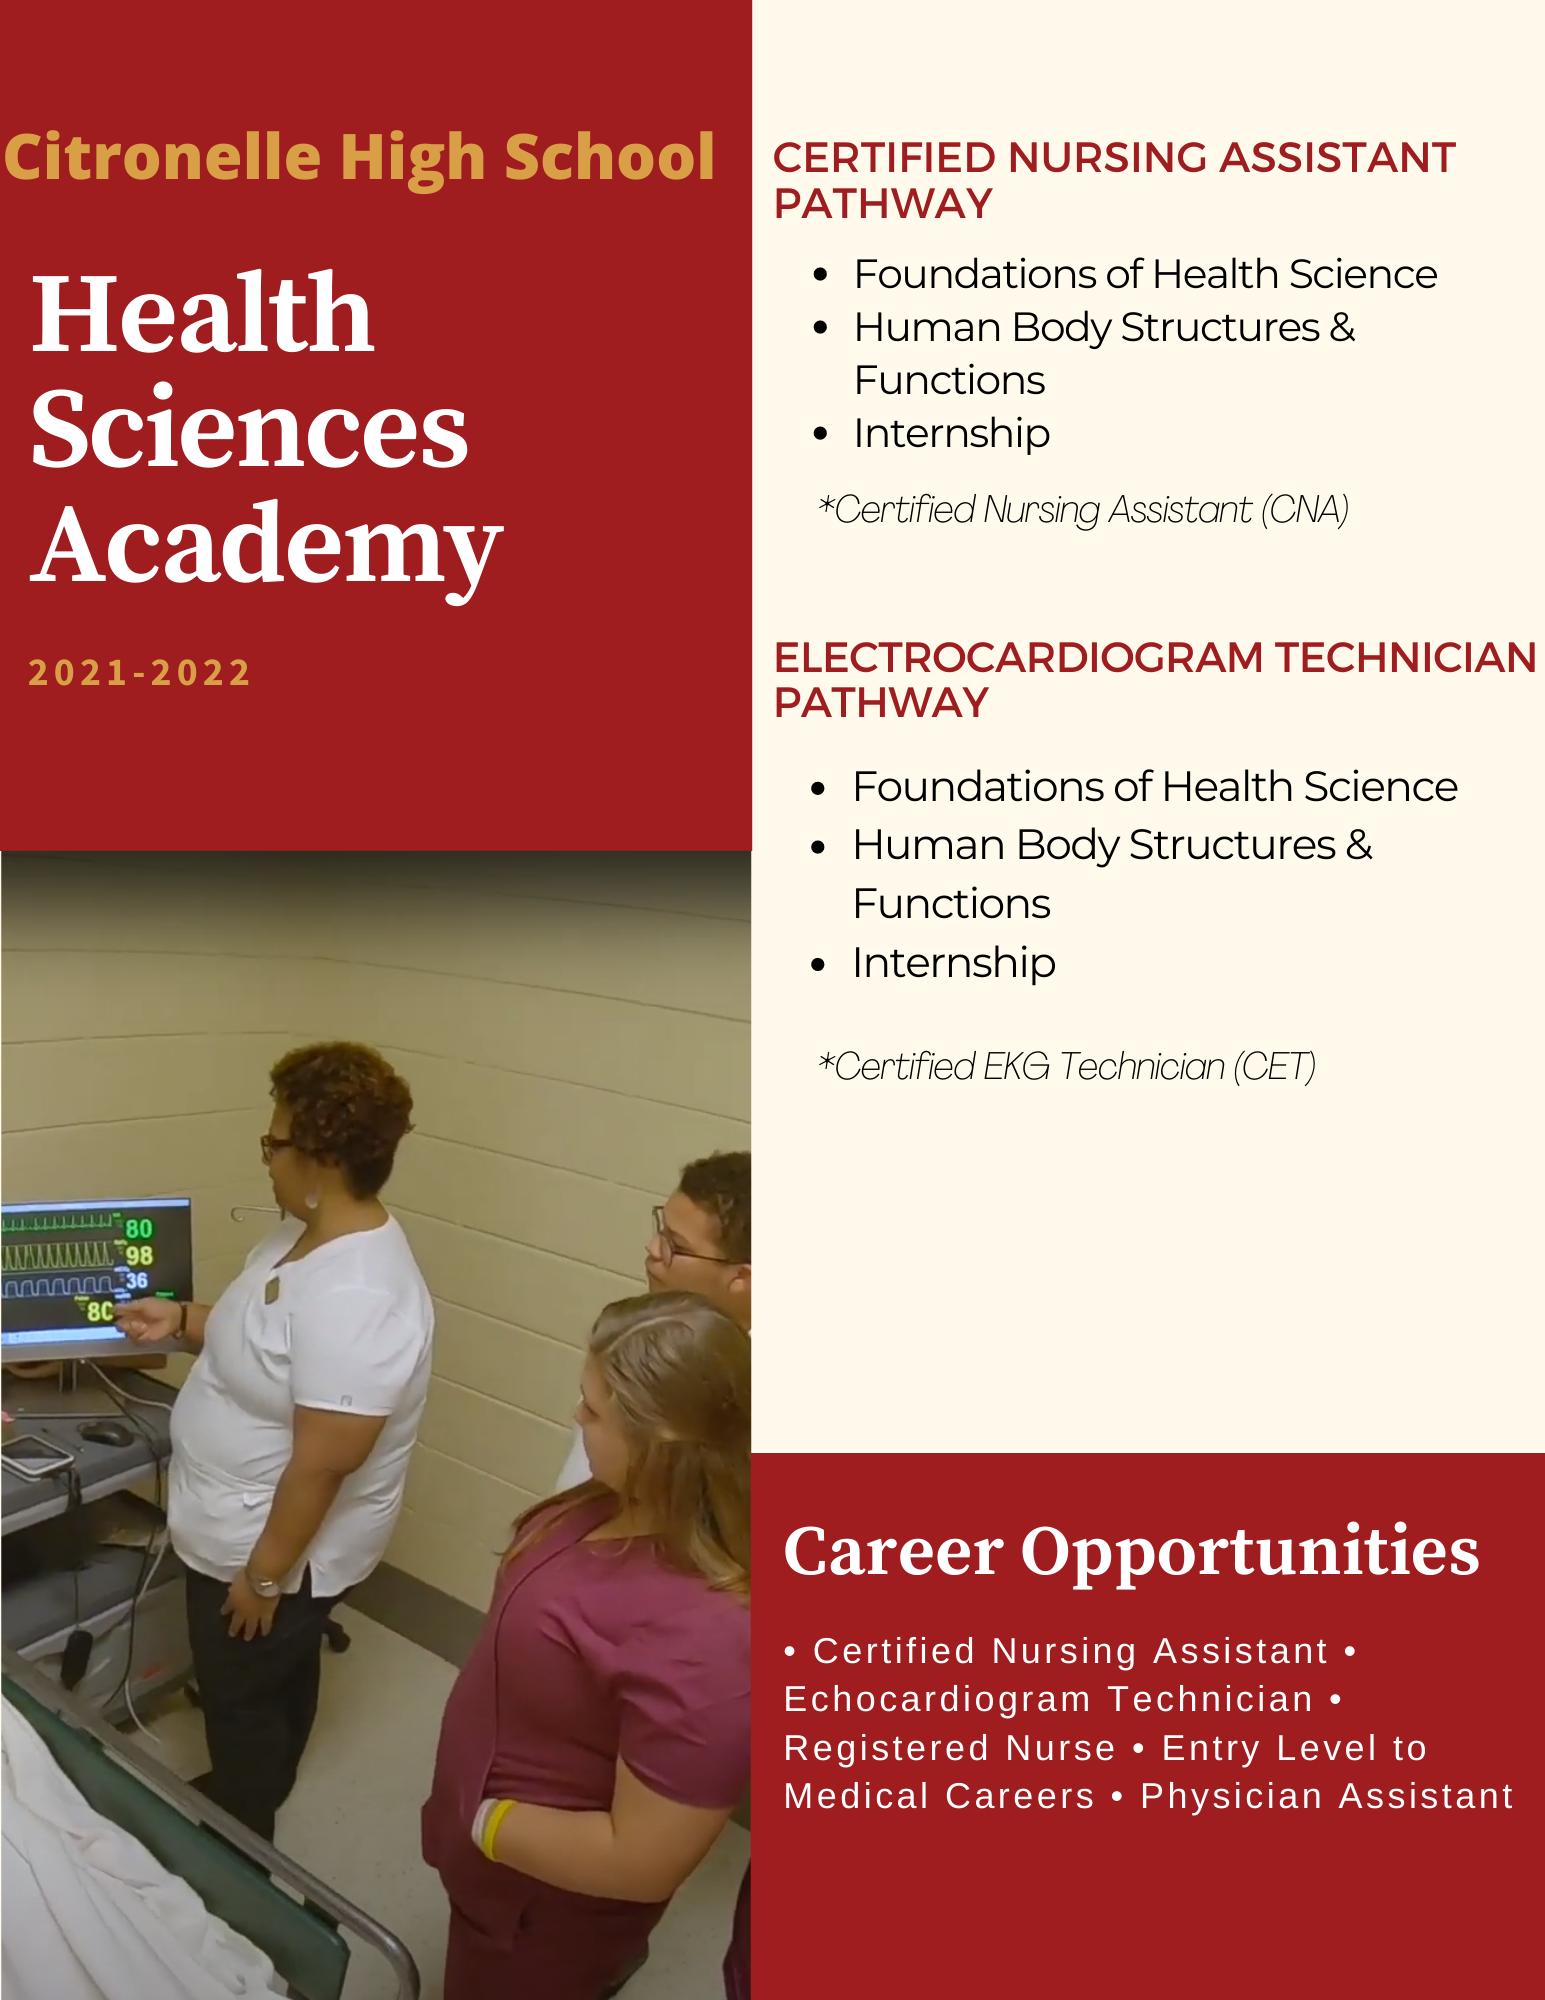 Health Sciences Academy